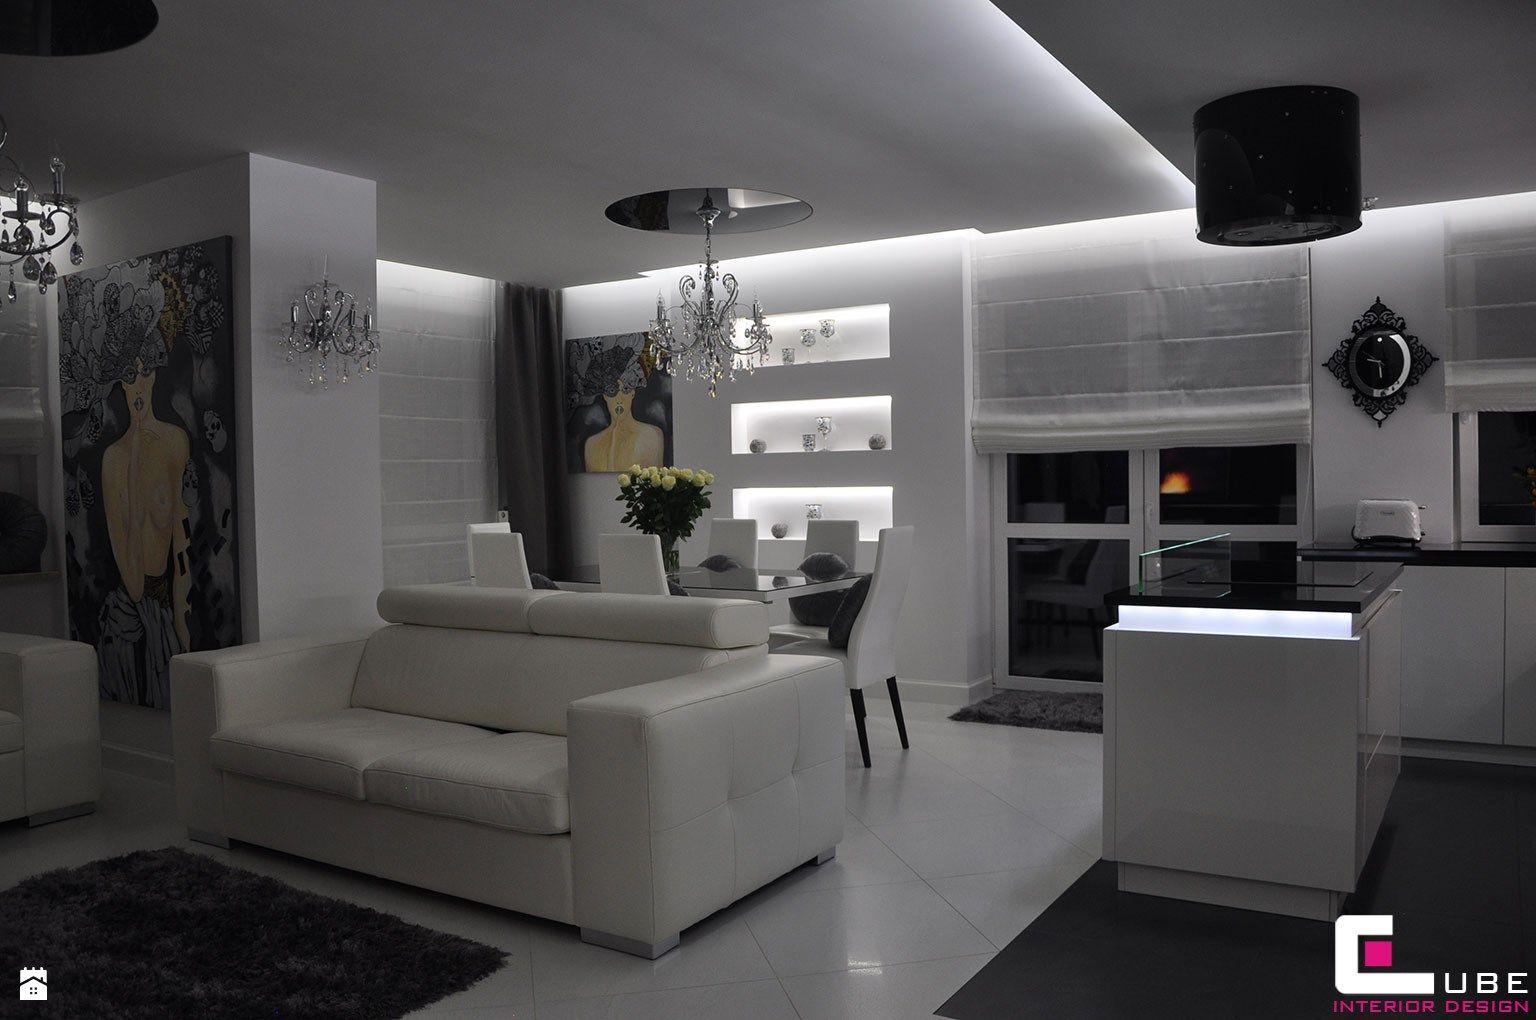 Wystroj Wnetrz Salon Styl Glamour Projekty I Aranzacje Najlepszych Designerow Prawdziwe Inspiracje Dla Kaz Luxury Homes Interior Interior Design Interior